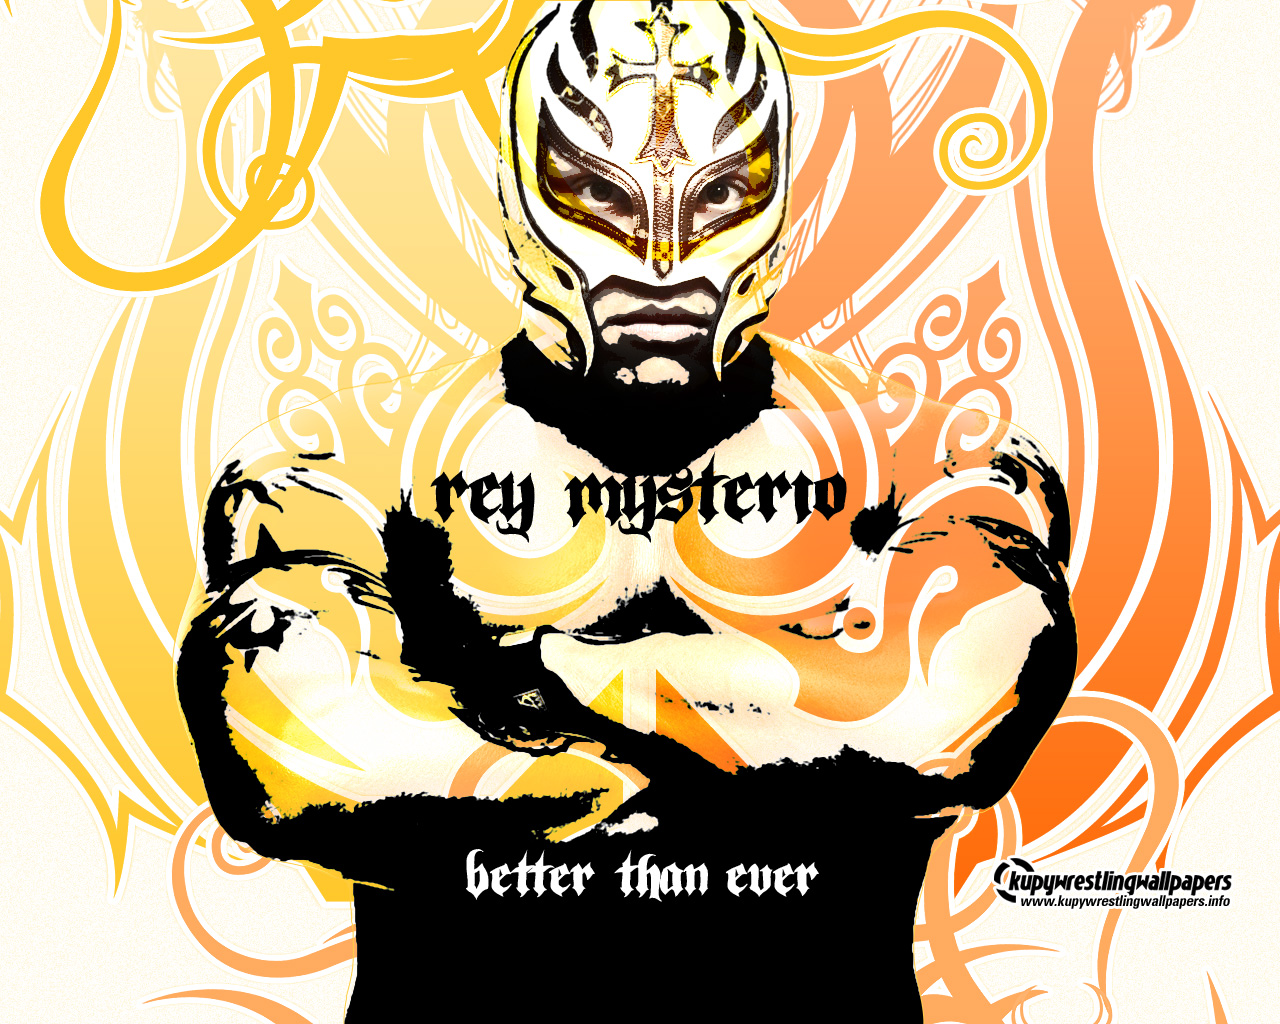 http://2.bp.blogspot.com/-DtQIJjEpNQs/TeL0WvuoPlI/AAAAAAAAAMw/KHDL0Z8xLYs/s1600/rey-mysterio-wallpaper-.jpg